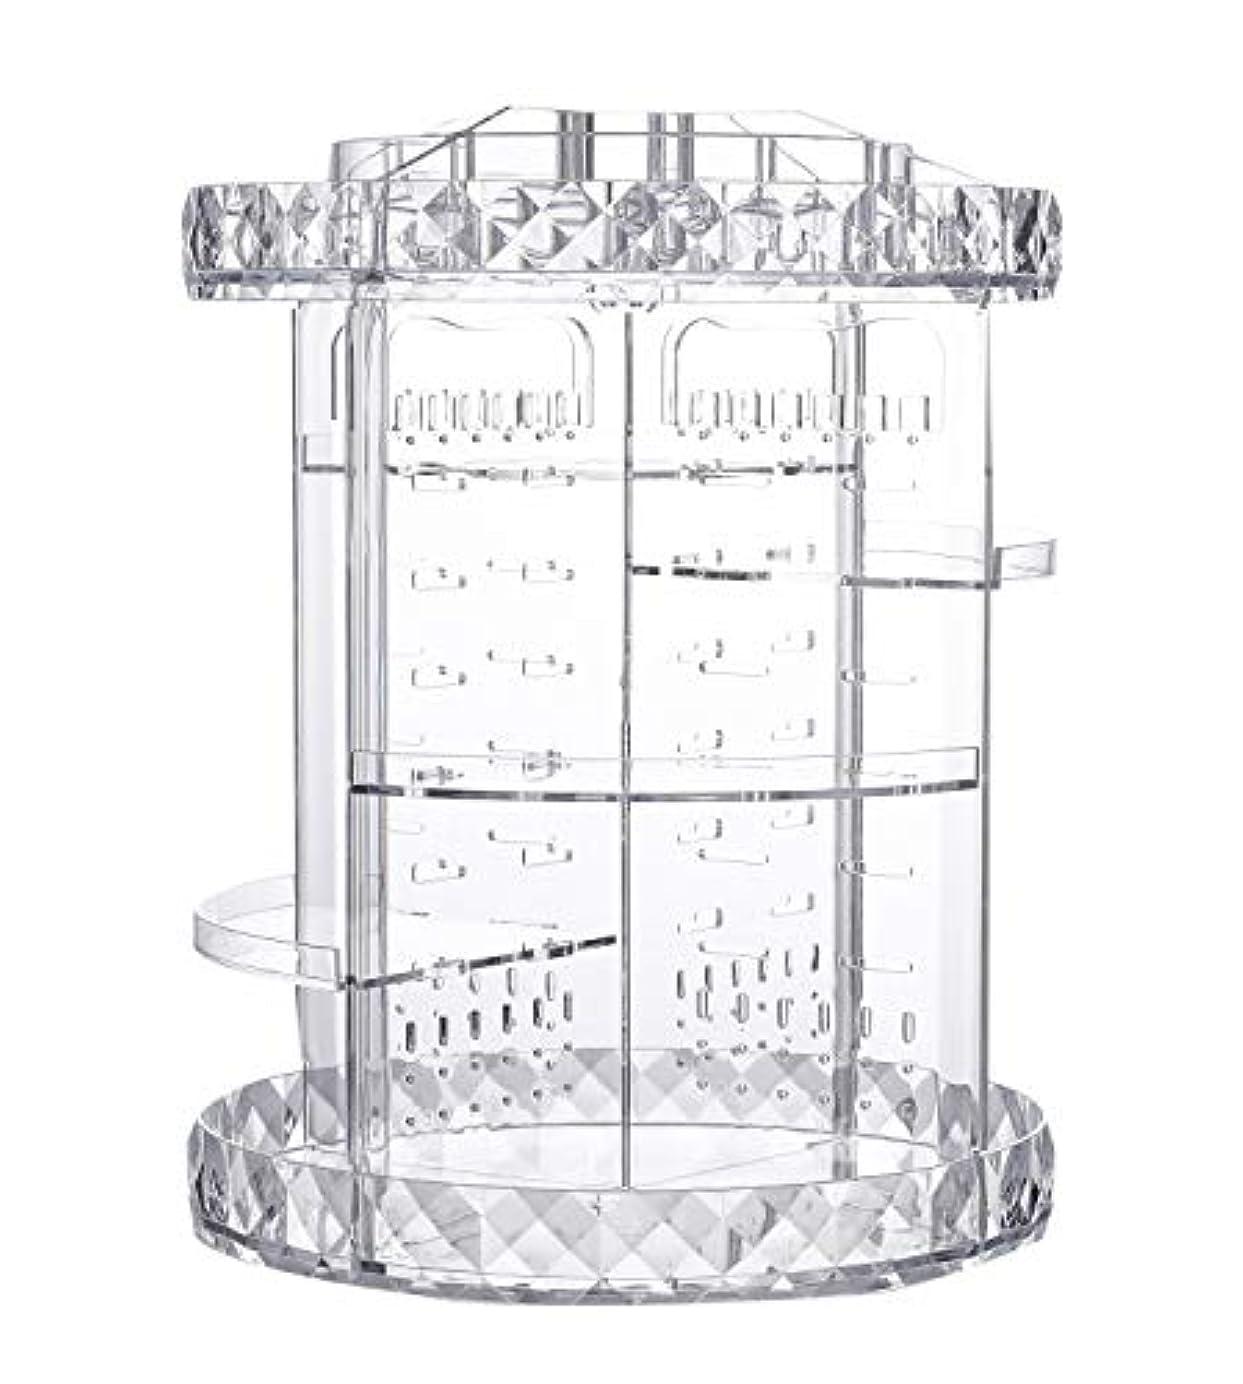 薄汚い曲賞賛化粧品収納ボックス ネックレス収納 アクセサリー収納 回転式360度 透明 メイクボックス 組み立て 調整可能